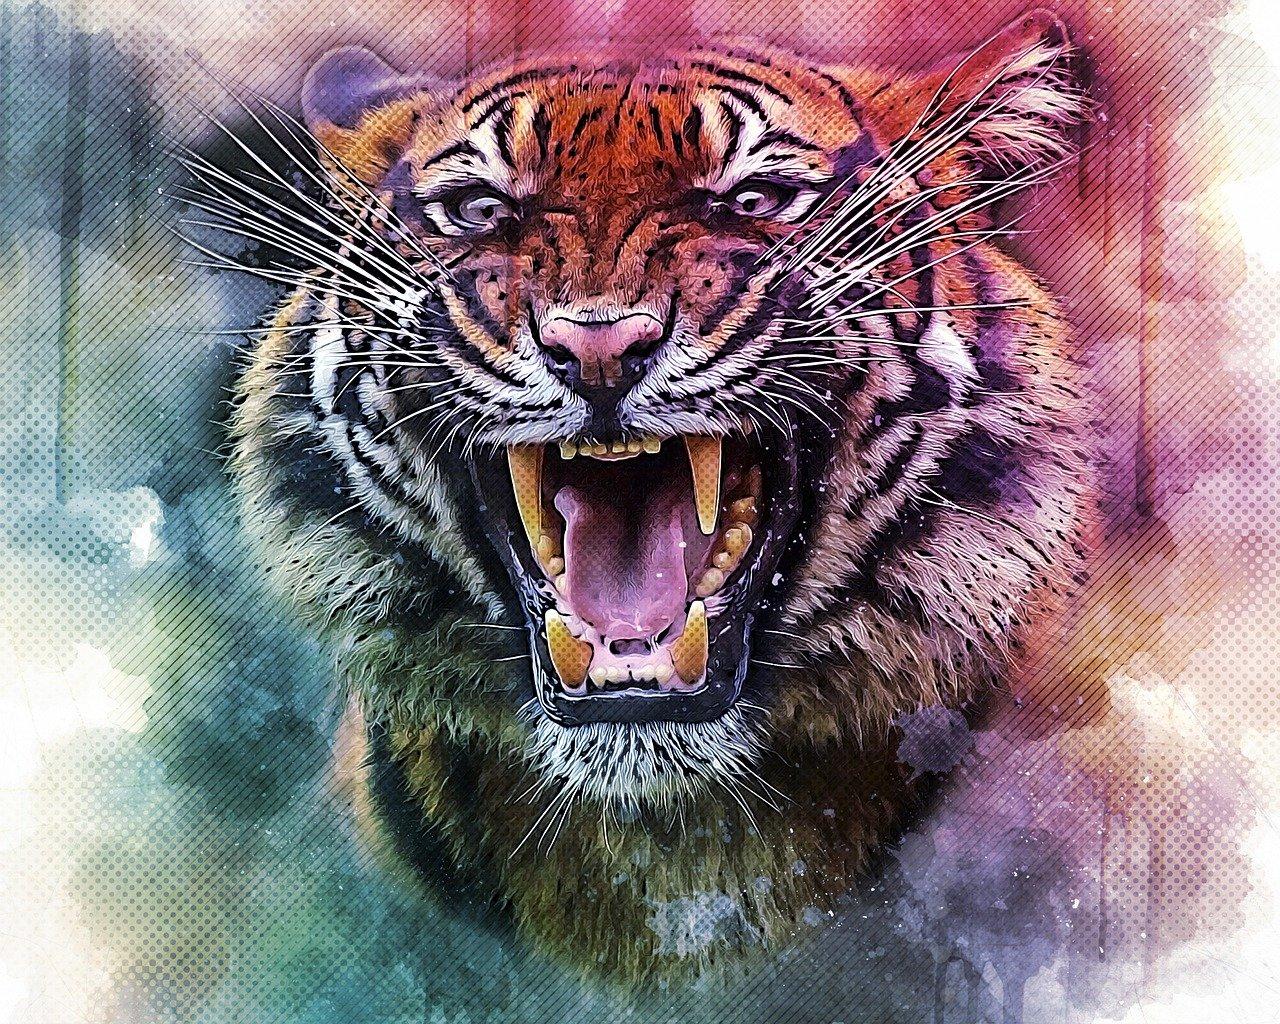 tiger 4843804 1280